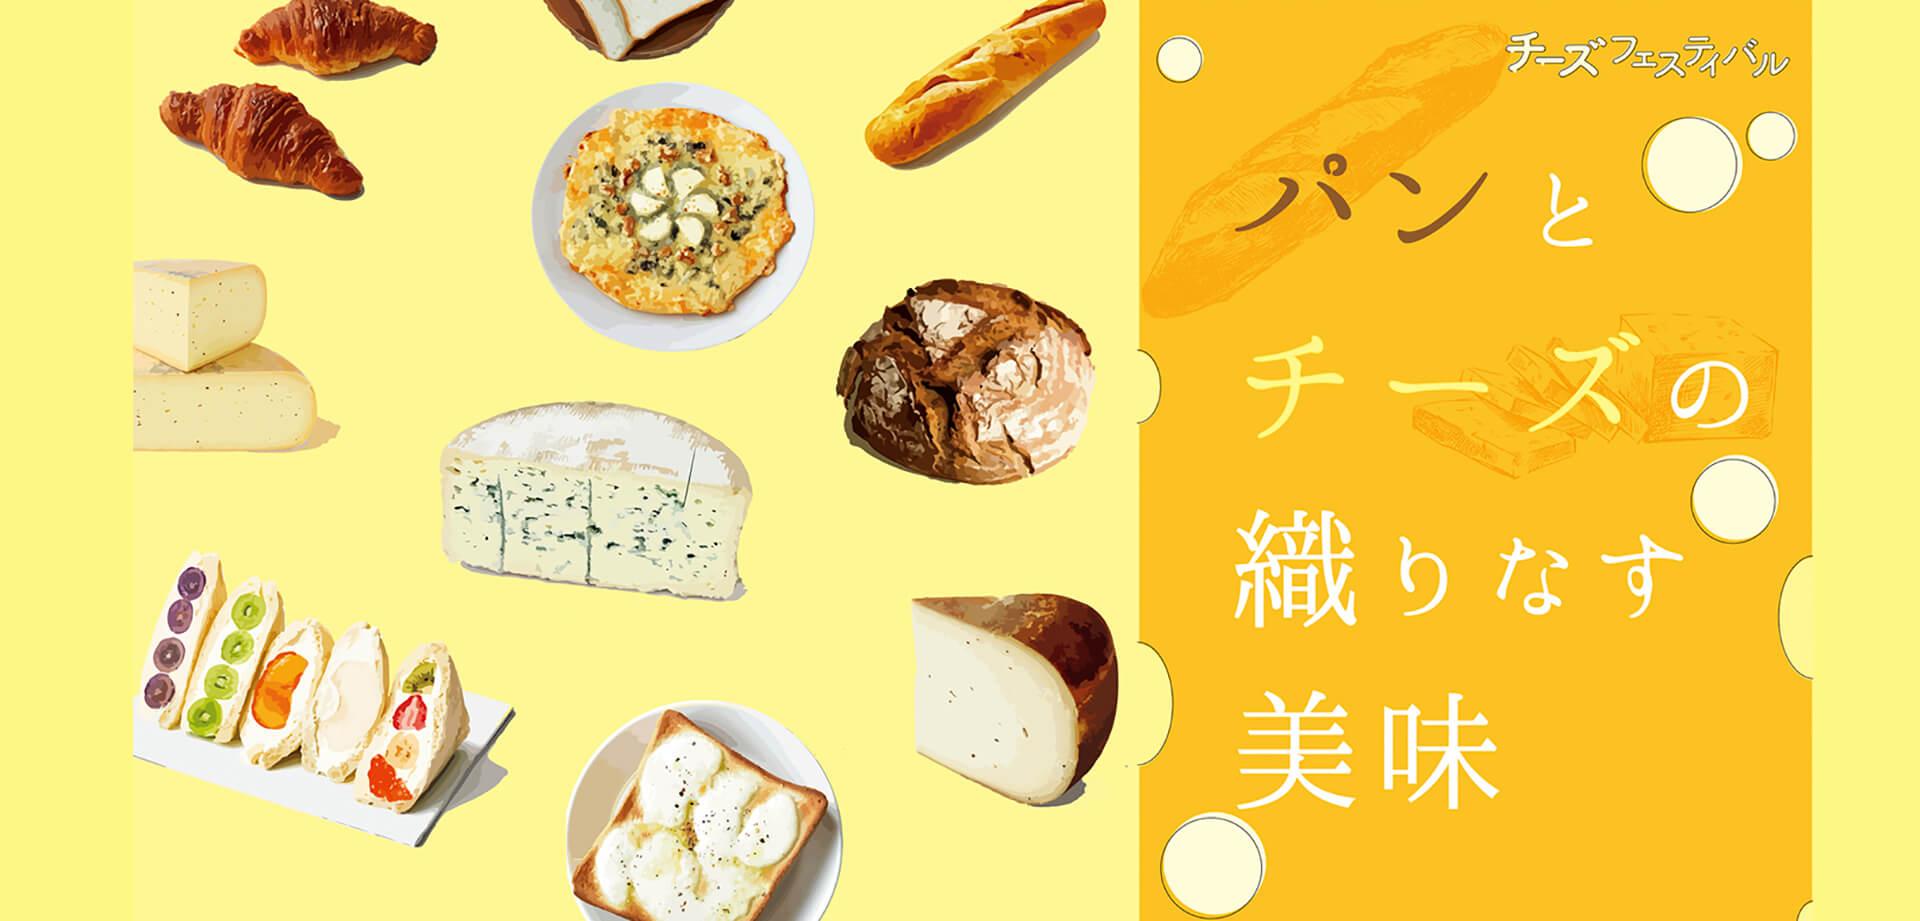 パンとチーズの織りなす美味